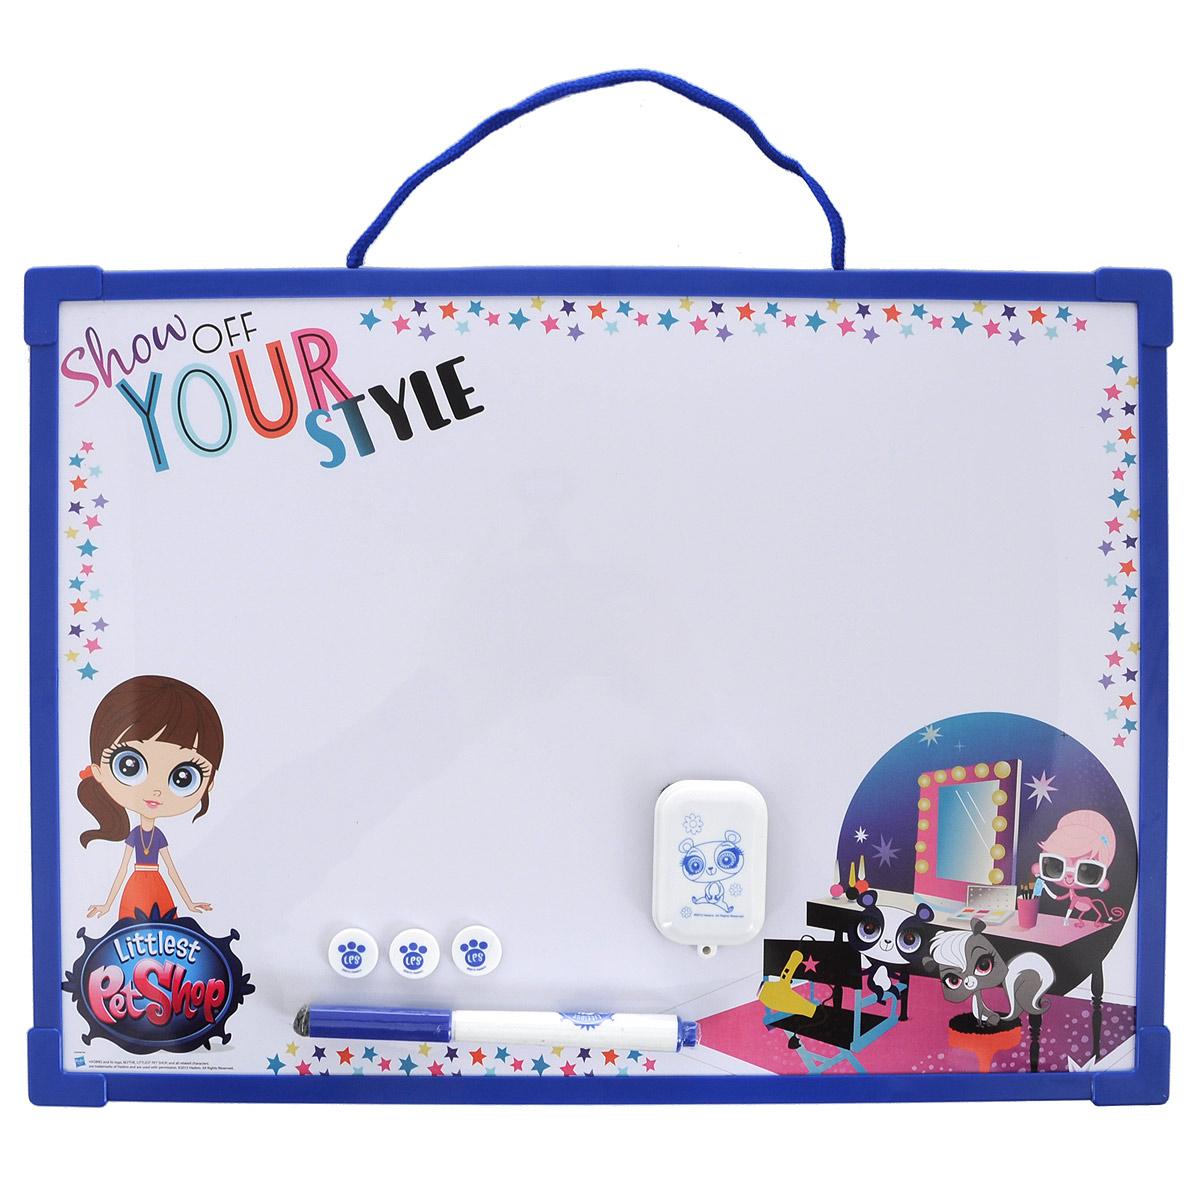 """Доска для рисования Littlest Pet Shop """"Пиши-стирай"""" на веревочке, на которой можно создавать различные картины бесконечно! Доска оборудована ручкой для рисования и тремя штампиками. Доска для рисования развивает моторику, воображение, концентрацию внимания, цветовое восприятие."""